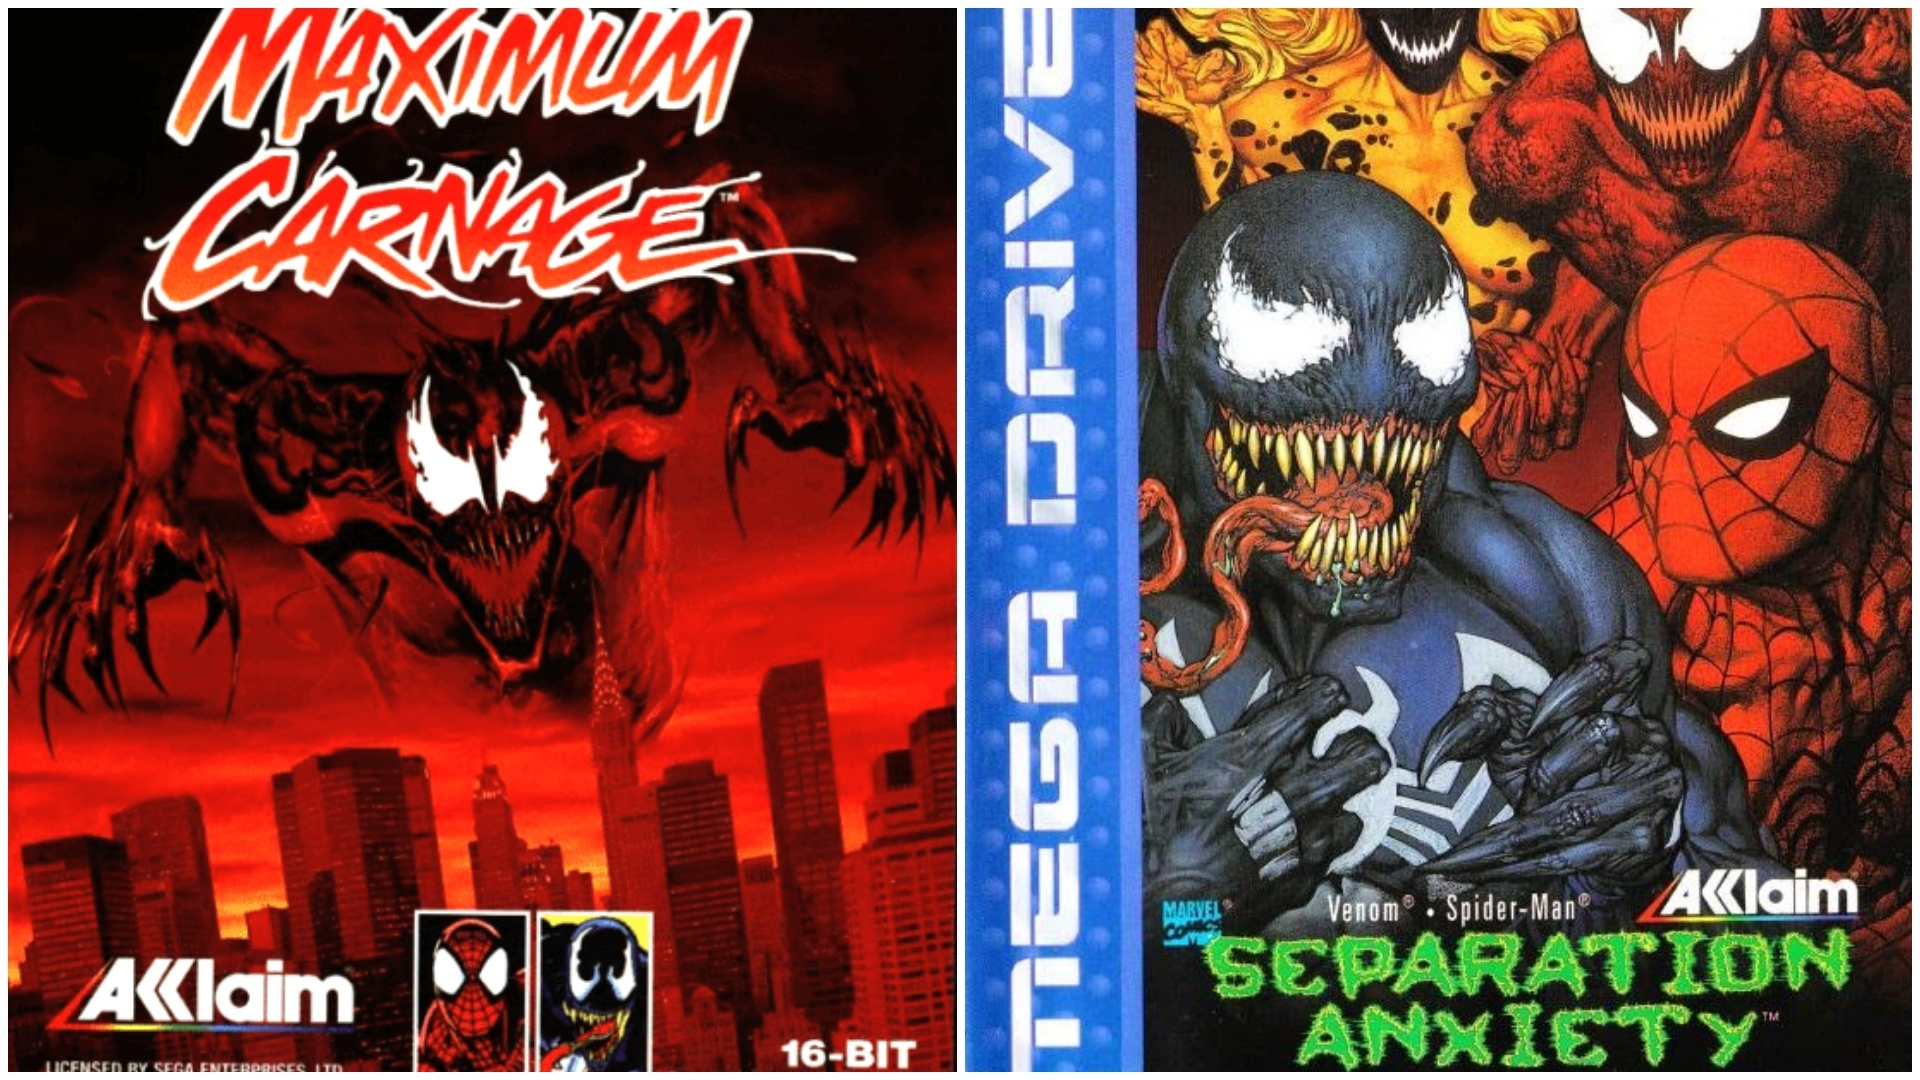 Venom y Spiderman colaboraron juntos en estos dos videojuegos